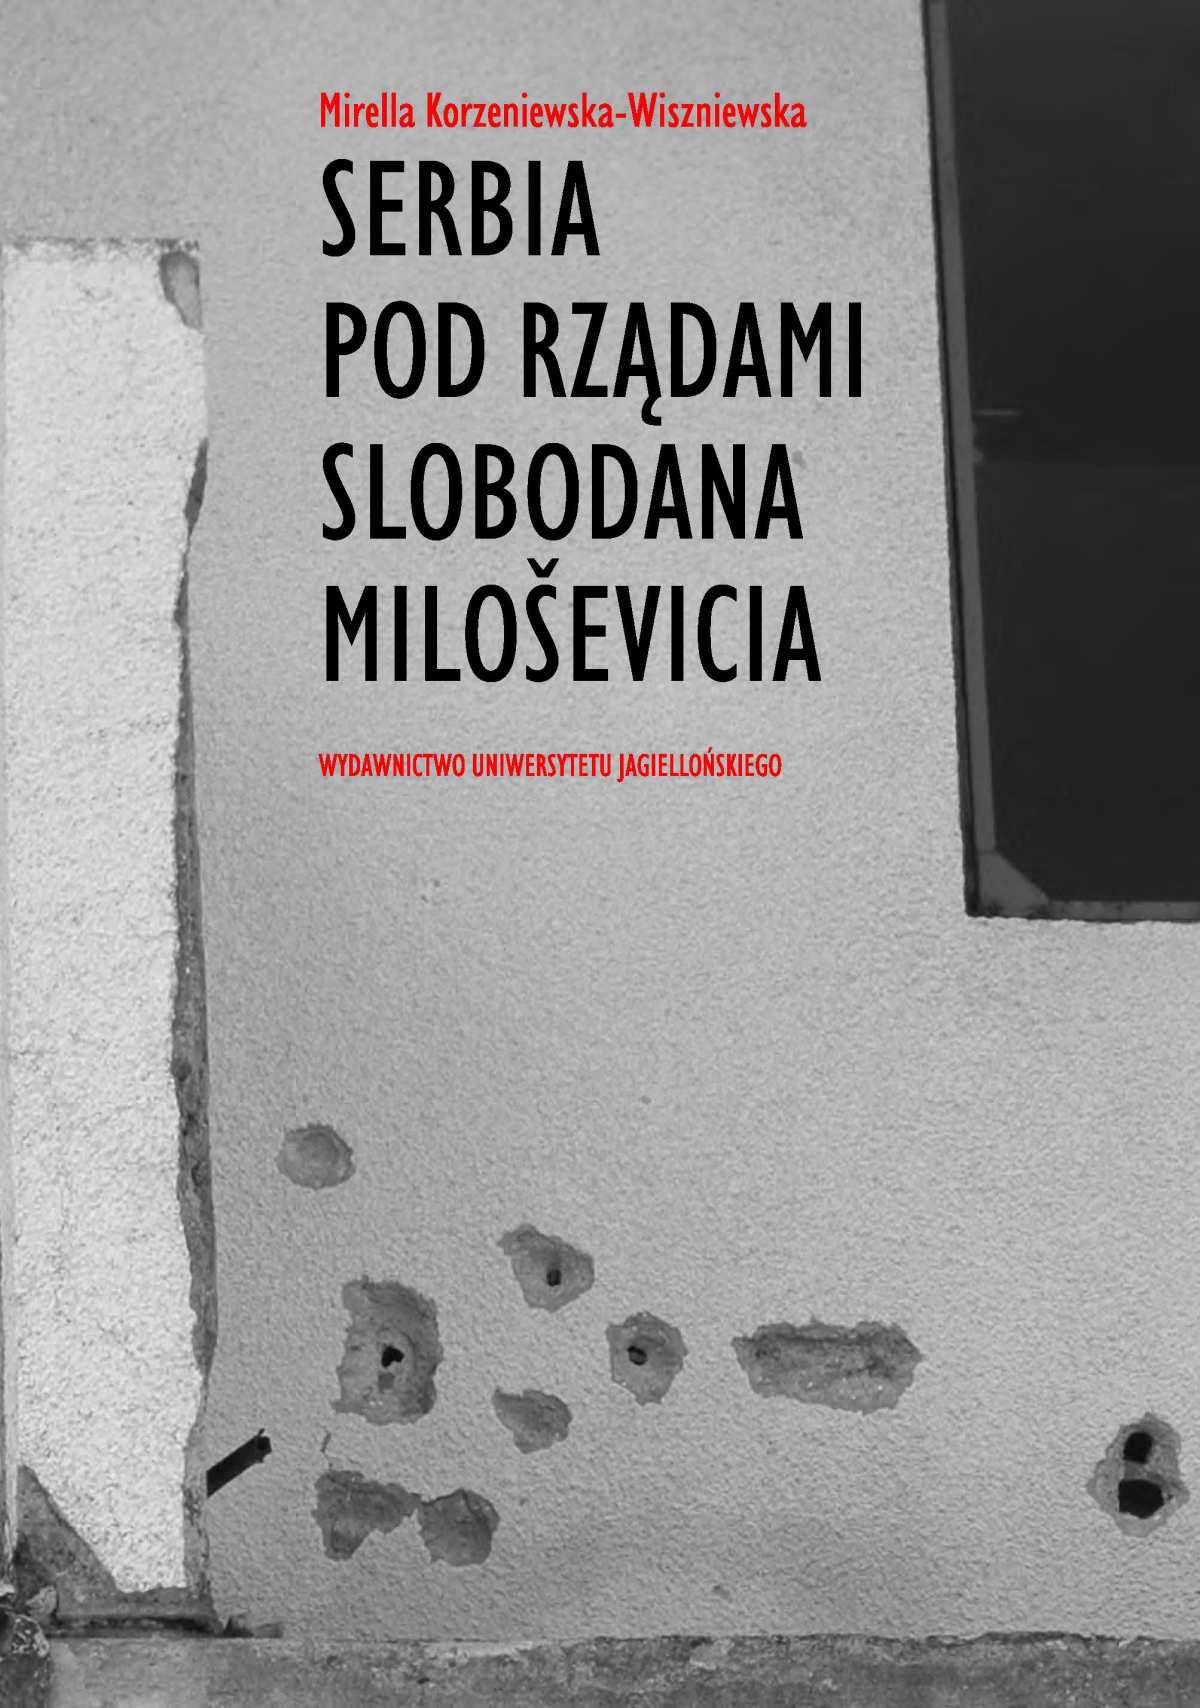 Serbia pod rządami Slobodana Milosevica. Serbska polityka wobec rozpadu Jugosławii w latach dziewięćdziesiątych XX wieku - Ebook (Książka PDF) do pobrania w formacie PDF